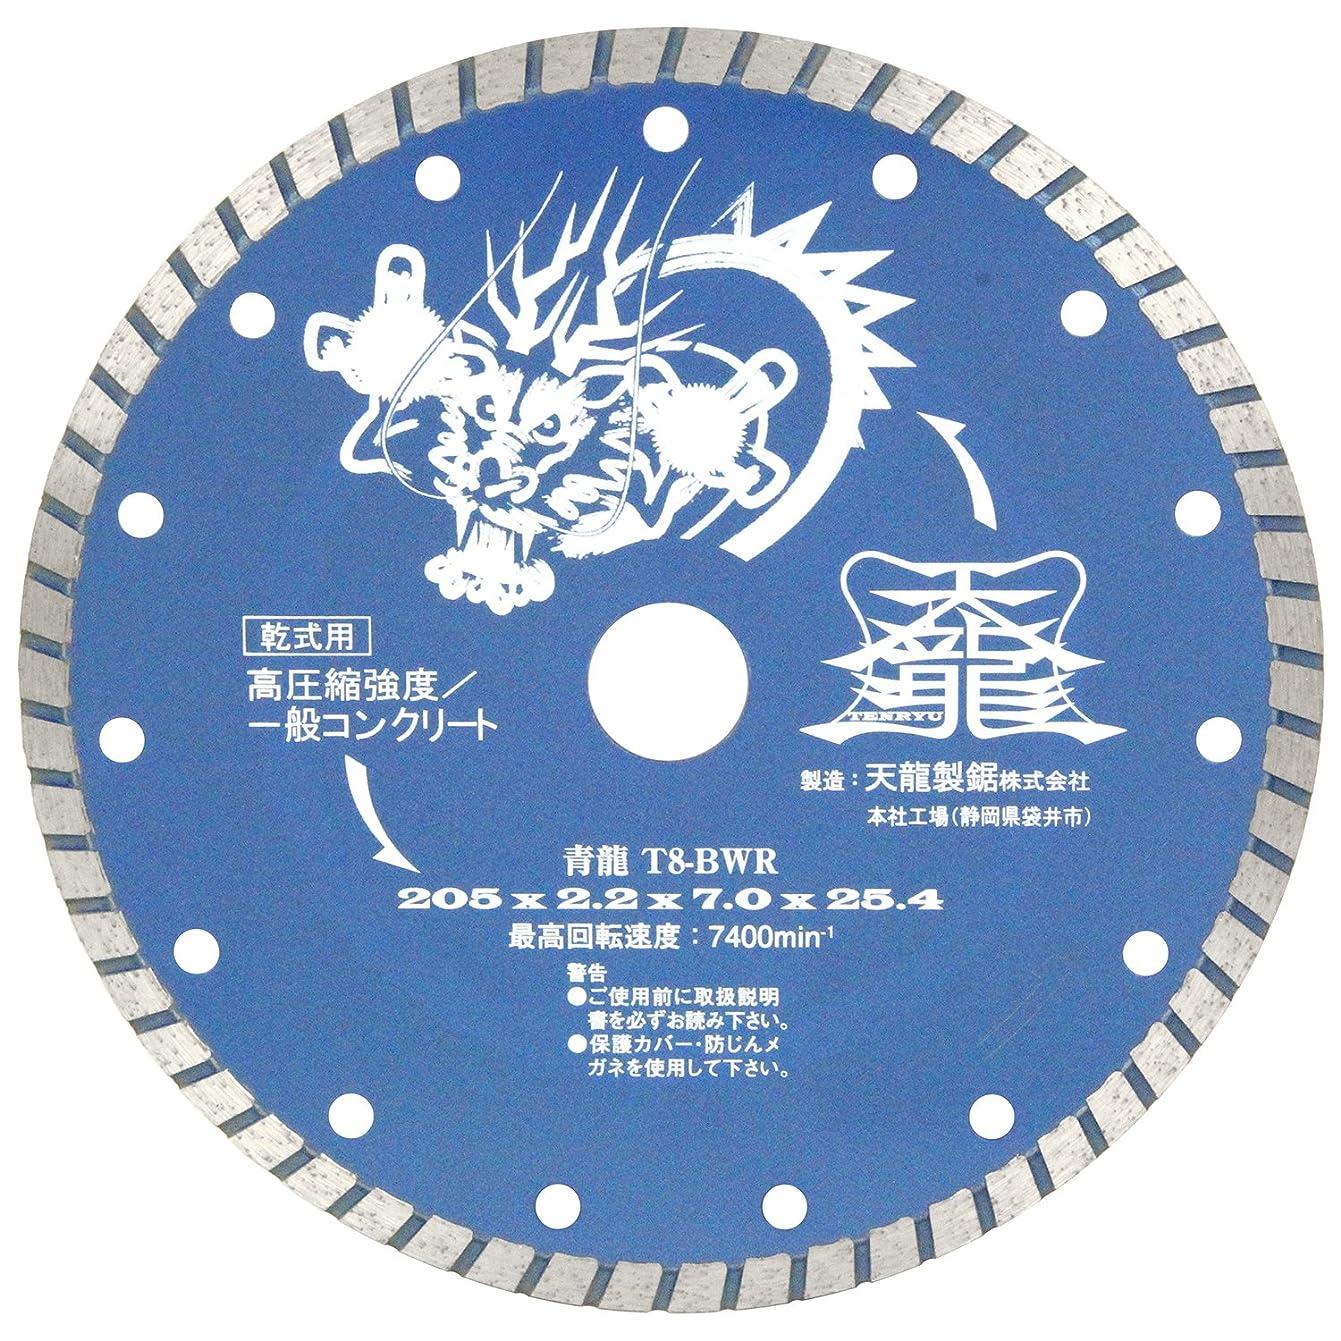 正規化冊子懐天龍製鋸 ダイヤモンドカッター 青龍 高圧縮強度/一般コンクリート(造園?電設) 外径205mm T8-BWR